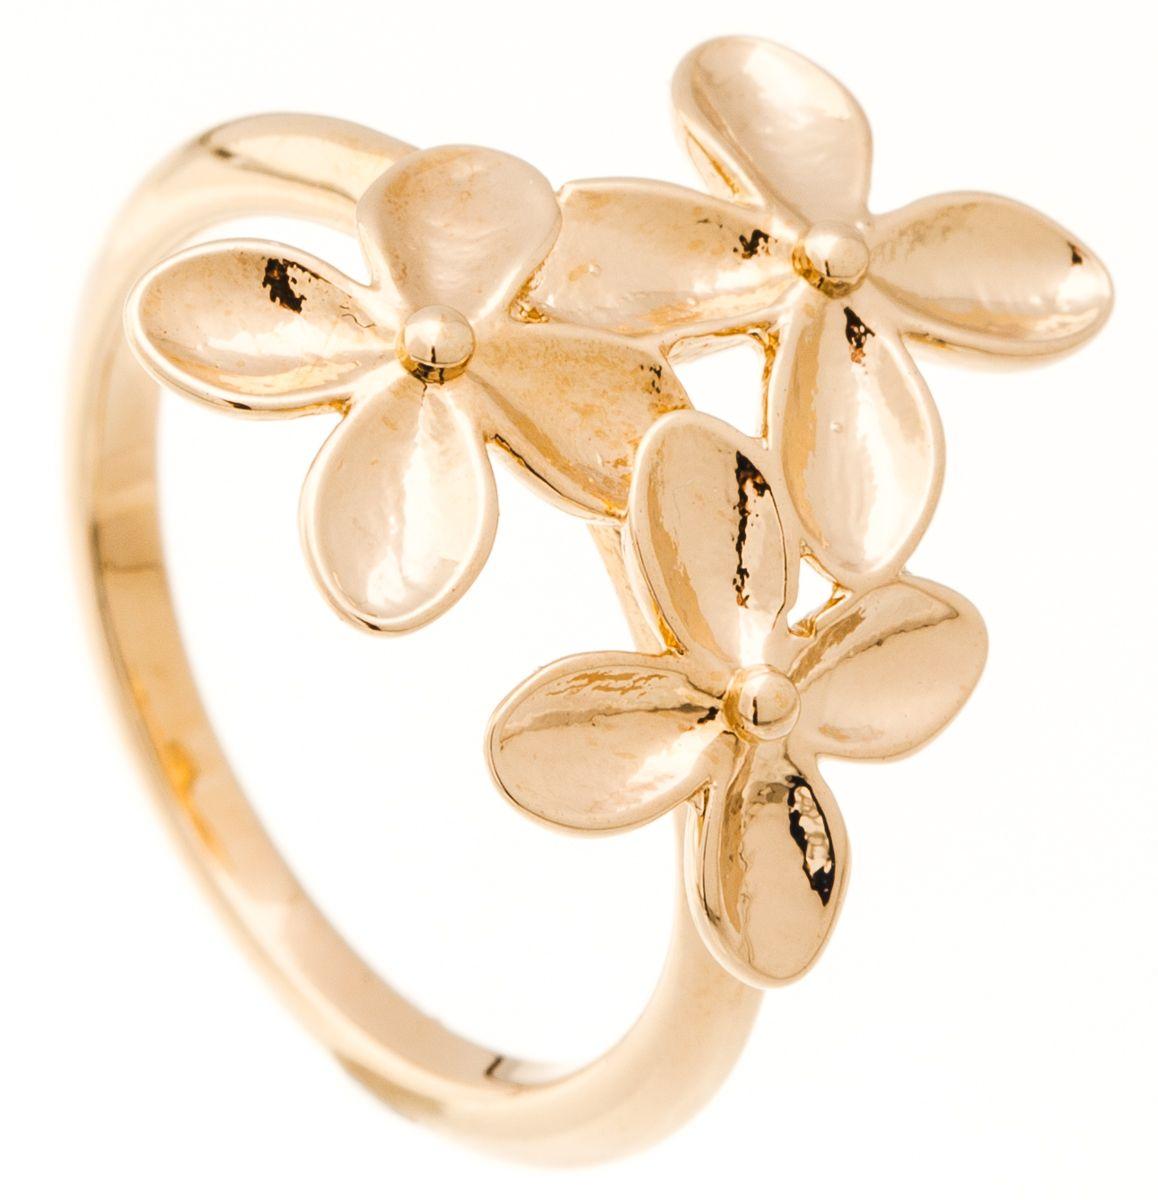 Кольцо Jenavi Young 2. Сэбэль, цвет: золотой. f670p090. Размер 16Коктейльное кольцоИзящное кольцо Jenavi из коллекции Young 2. Сэбэль изготовлено из ювелирного сплава с покрытием из позолоты. Изделие выполнено в необычном дизайне и оформлено вылитыми цветами. Стильное кольцо придаст вашему образу изюминку, подчеркнет индивидуальность.